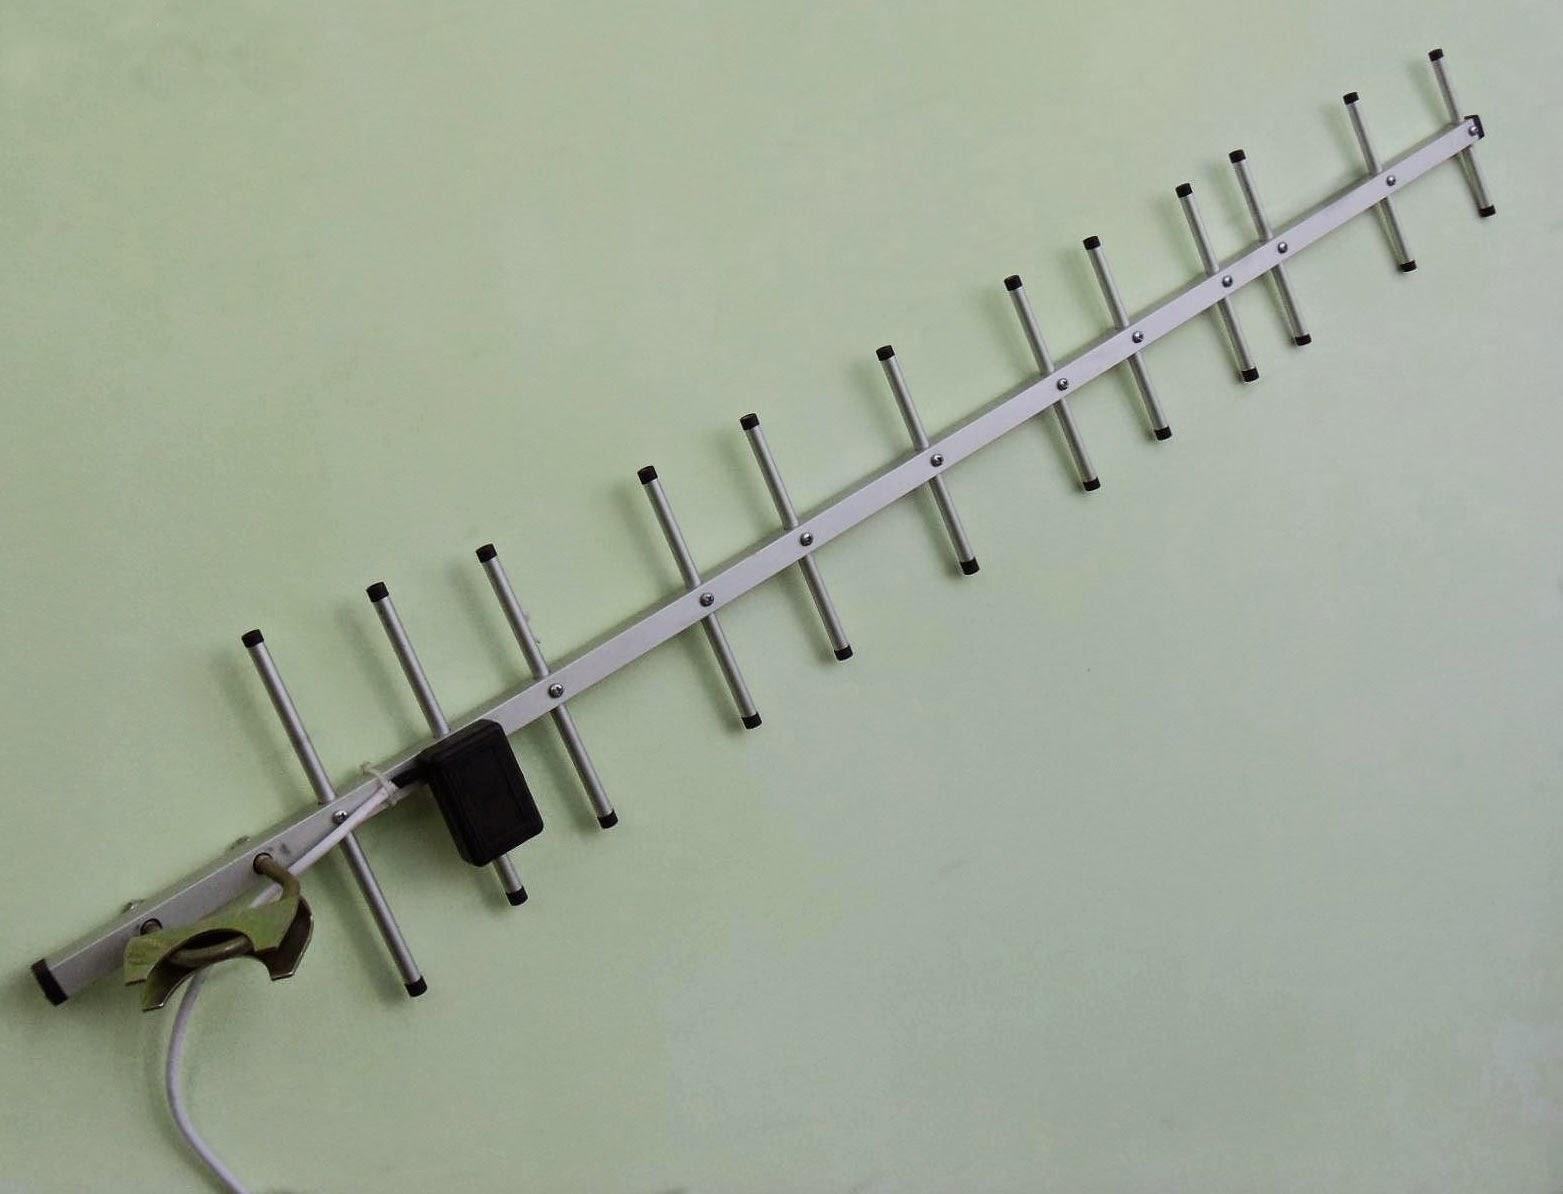 Как сделать антенну для телевизора своими руками: видео, фото 50